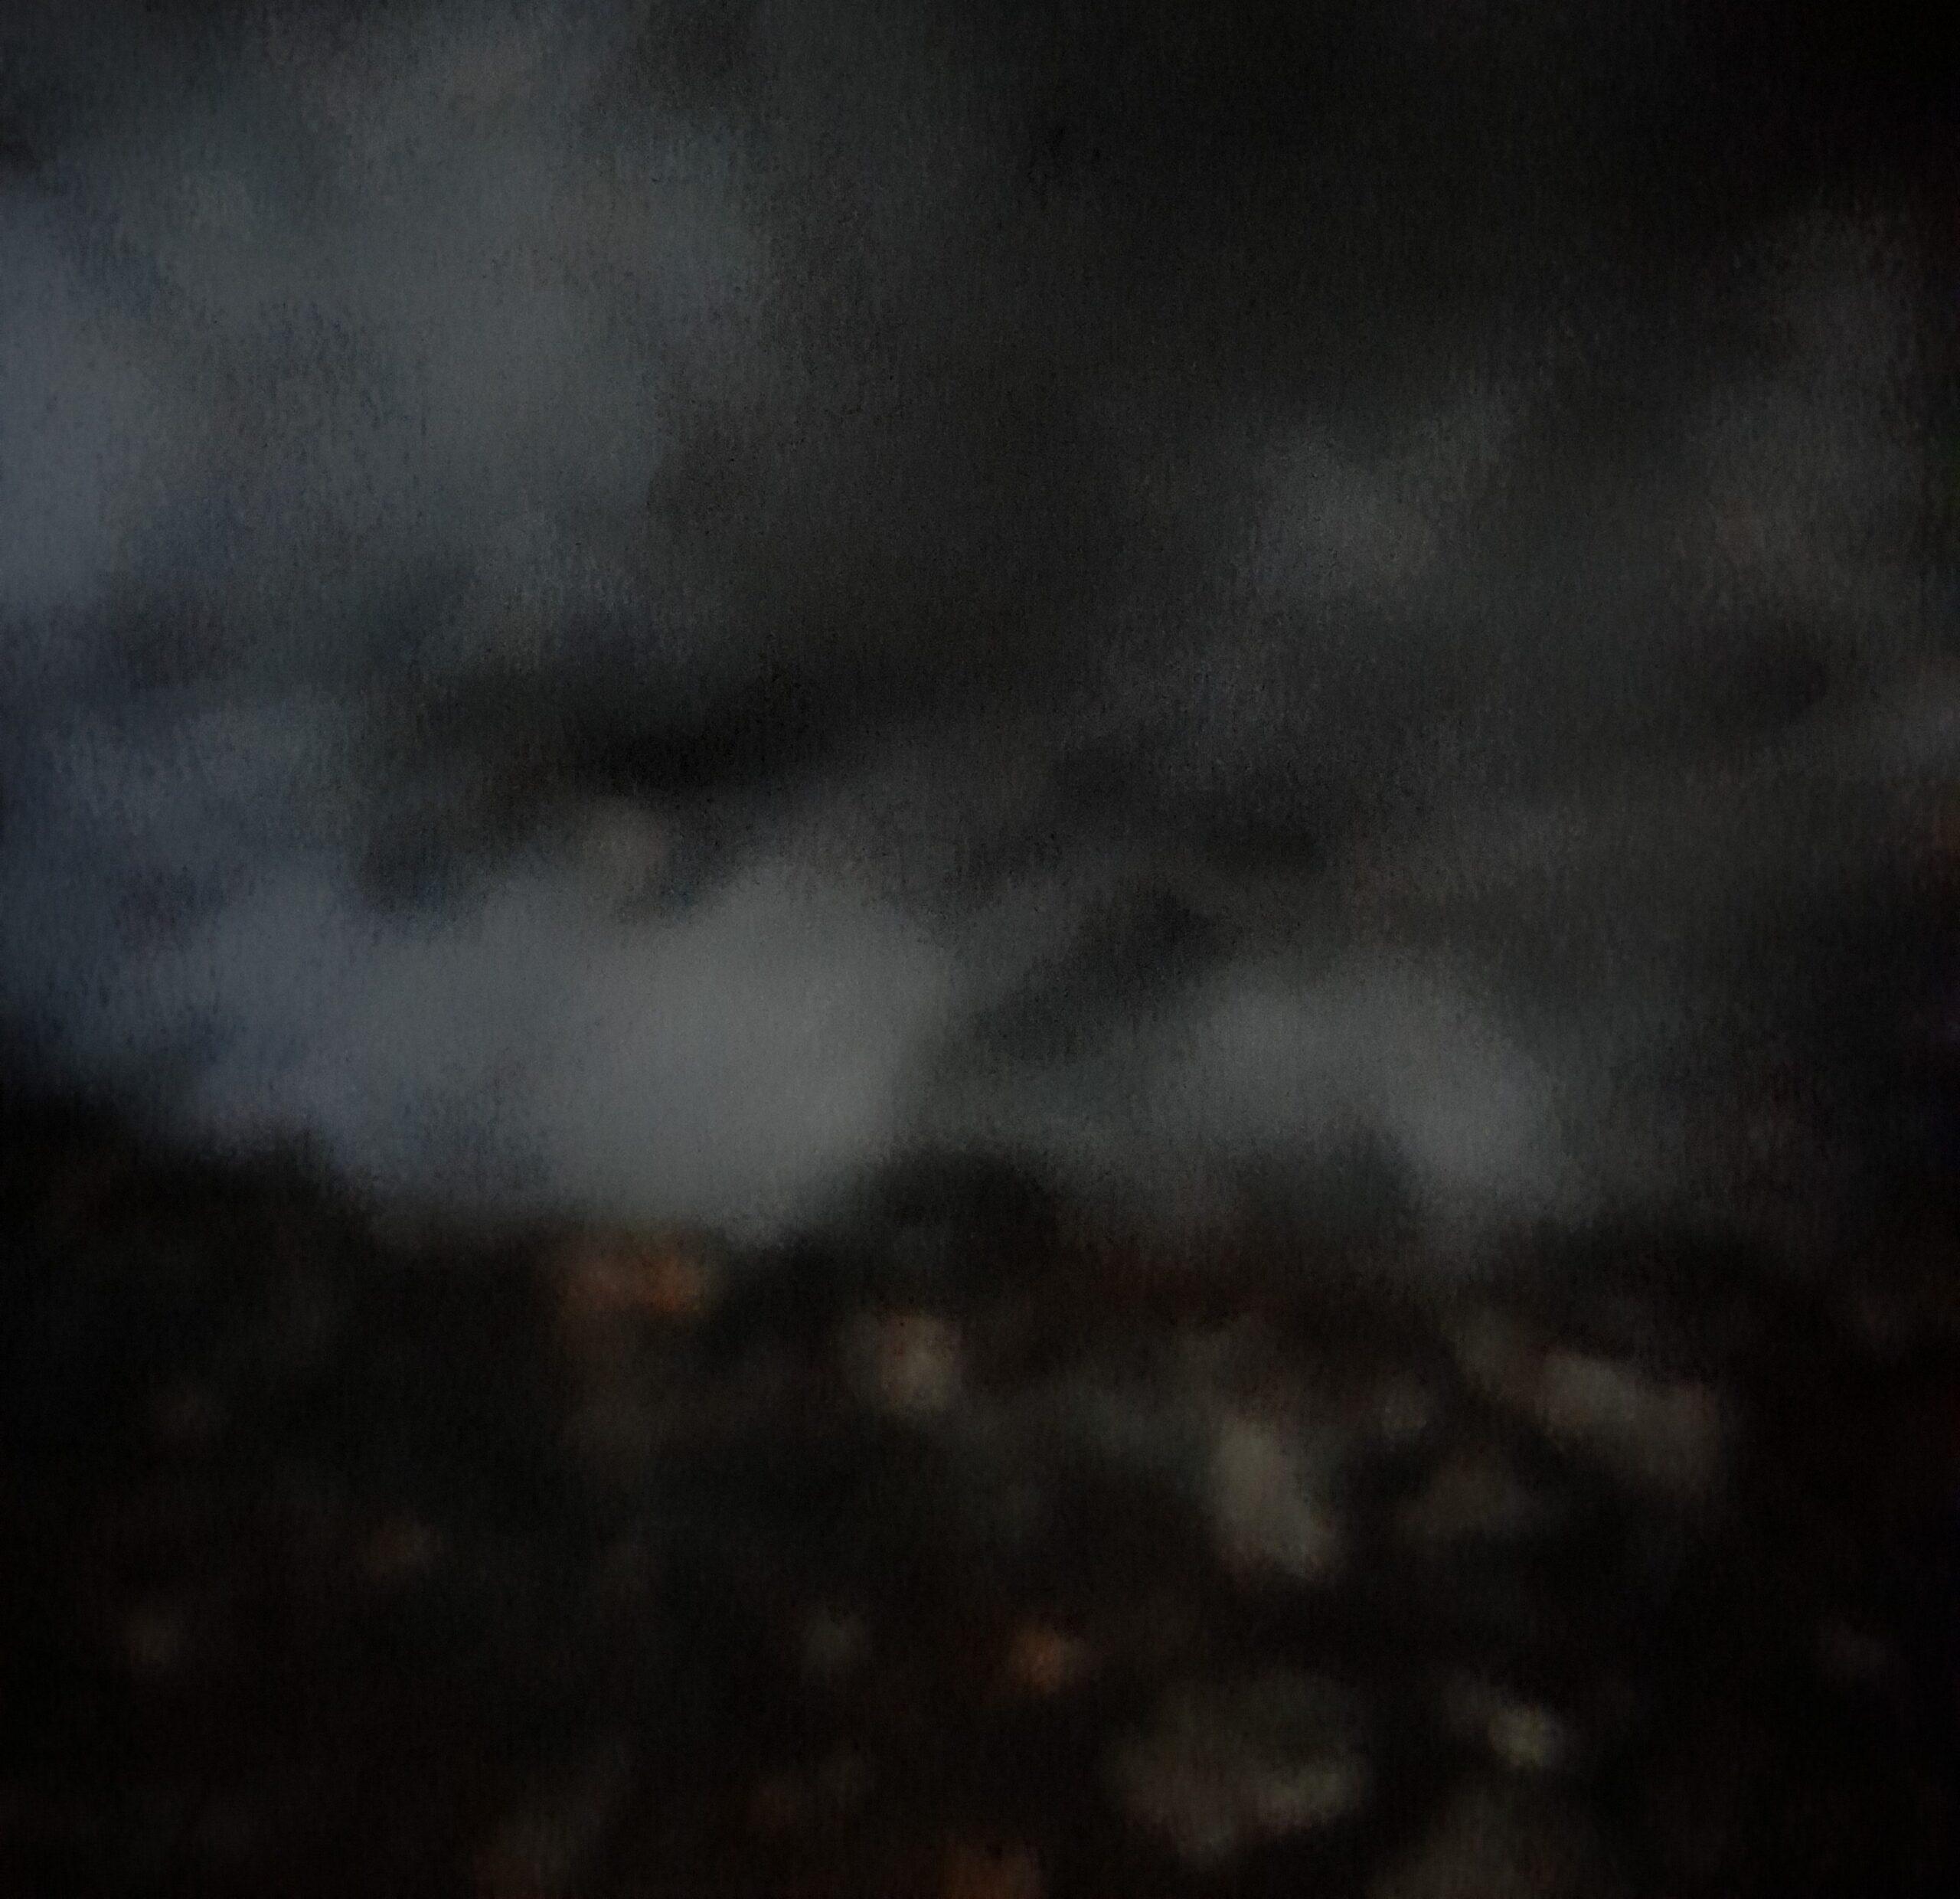 5 Πυρκαγιές εν υπαίθρω σε Βάρη, Βούλα και Βουλιαγμένη